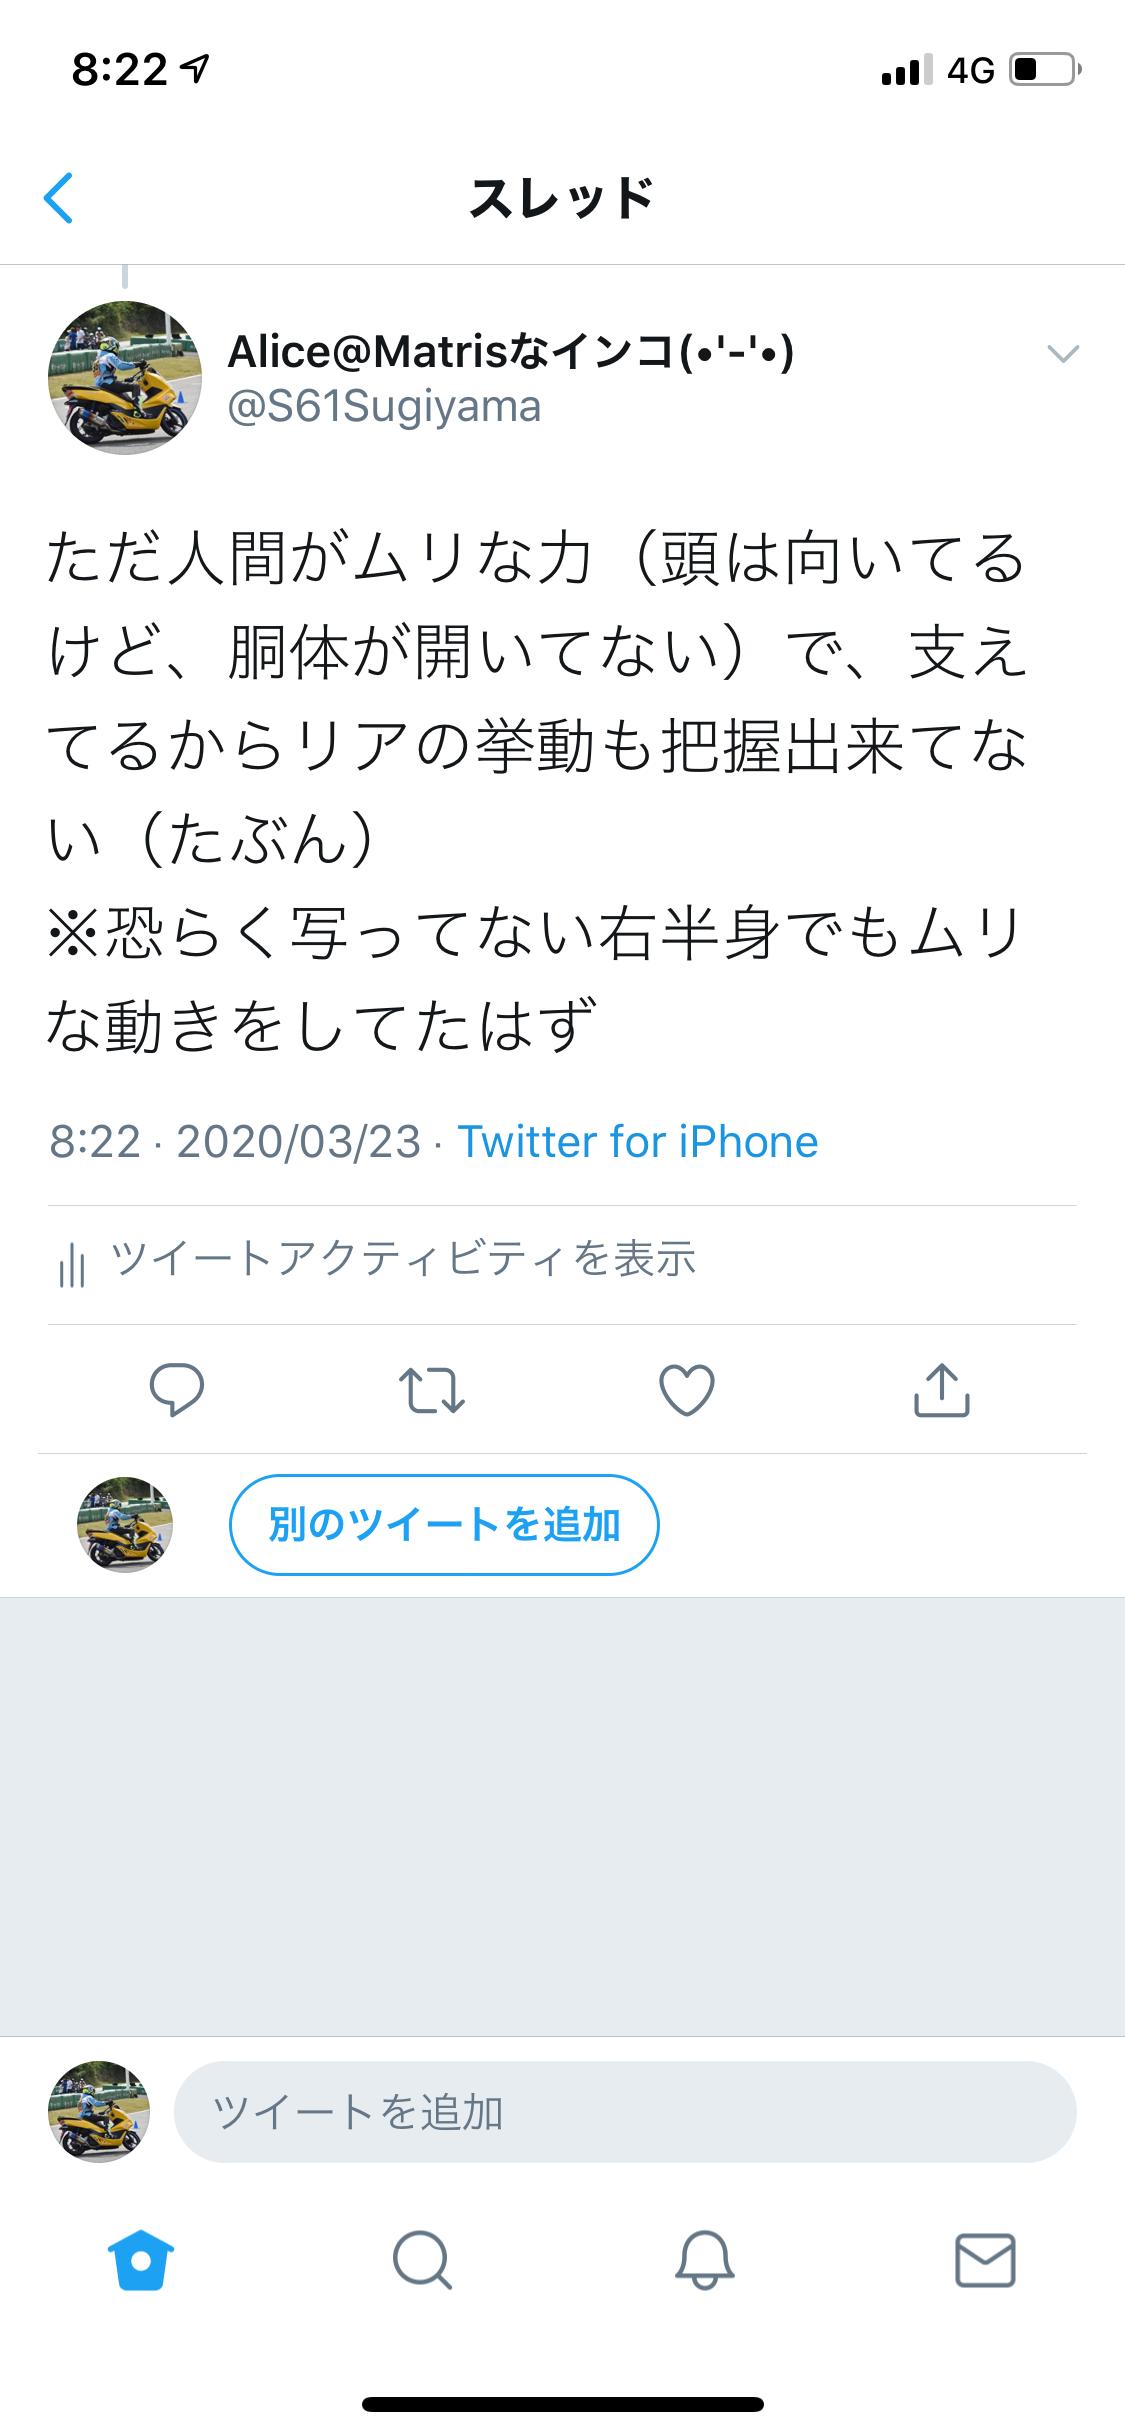 f:id:m-sugiyama-s61:20200328185833p:plain